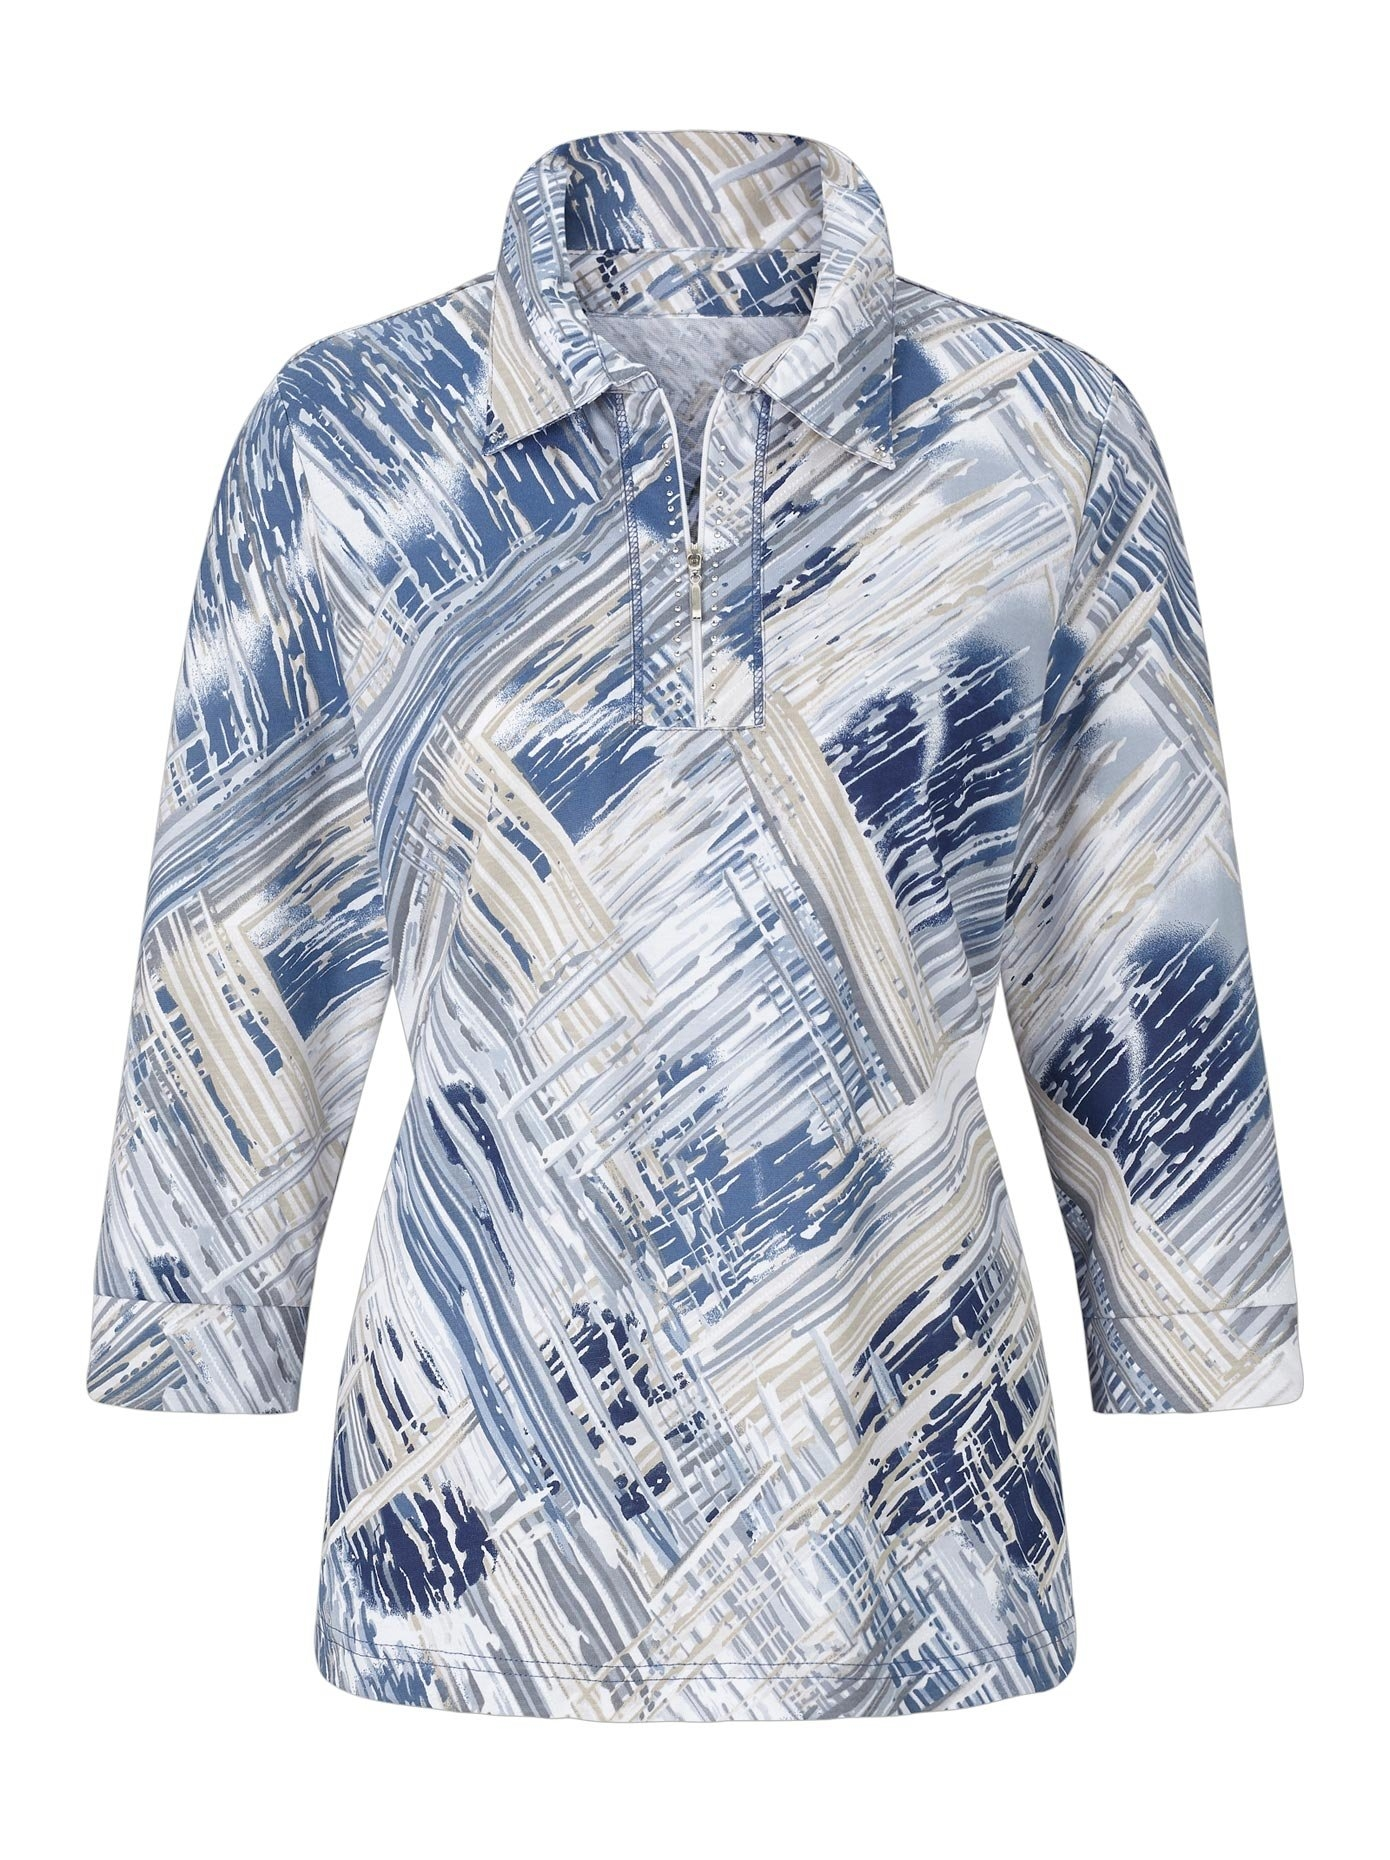 Op zoek naar een Classic Basics shirt van puur katoen? Koop online bij OTTO